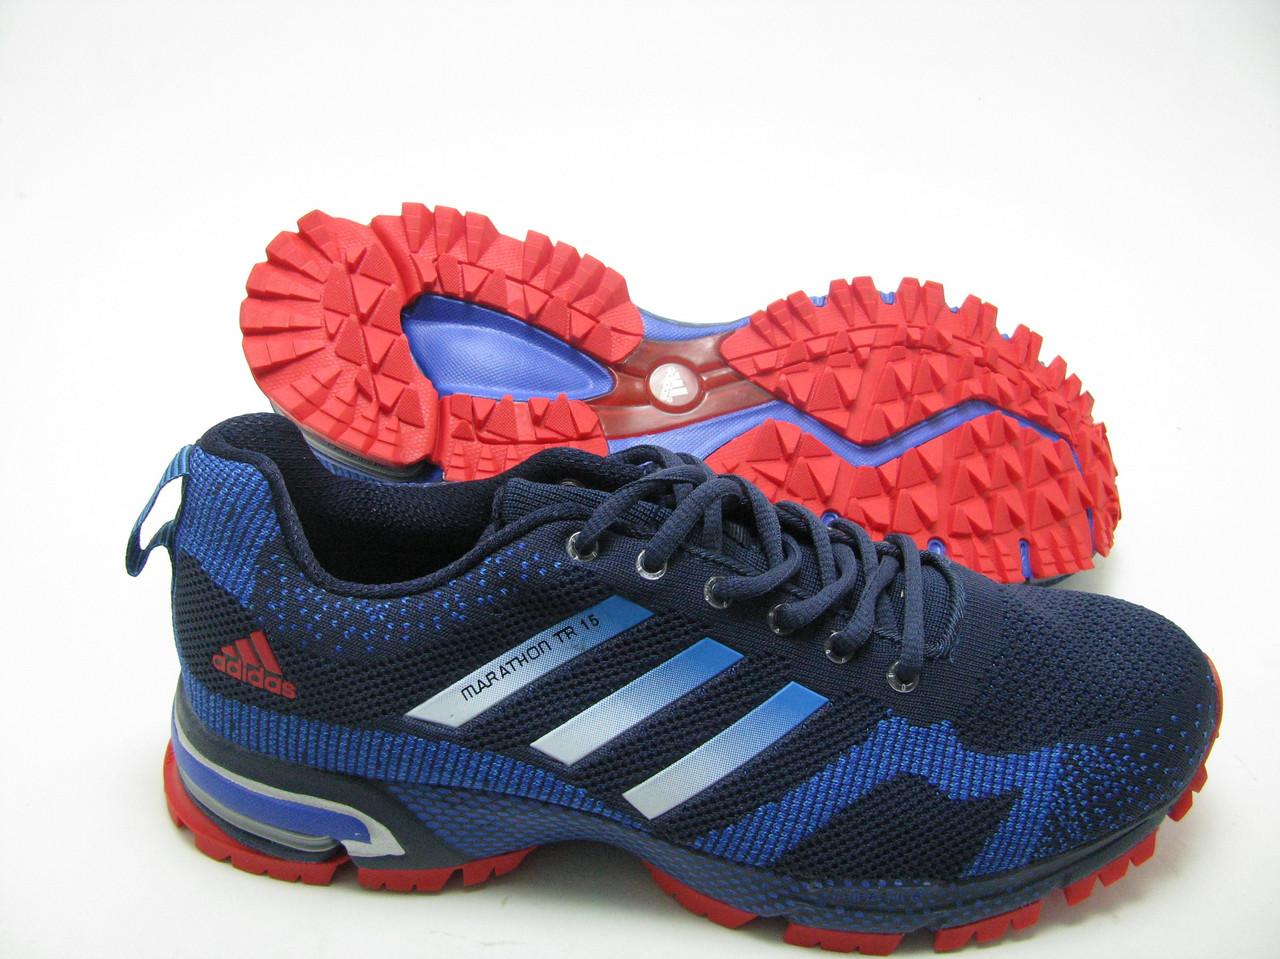 Сине-красные Купить Интернет-магазин Tr15 твой Мужские Marathon Adidas Кроссовки